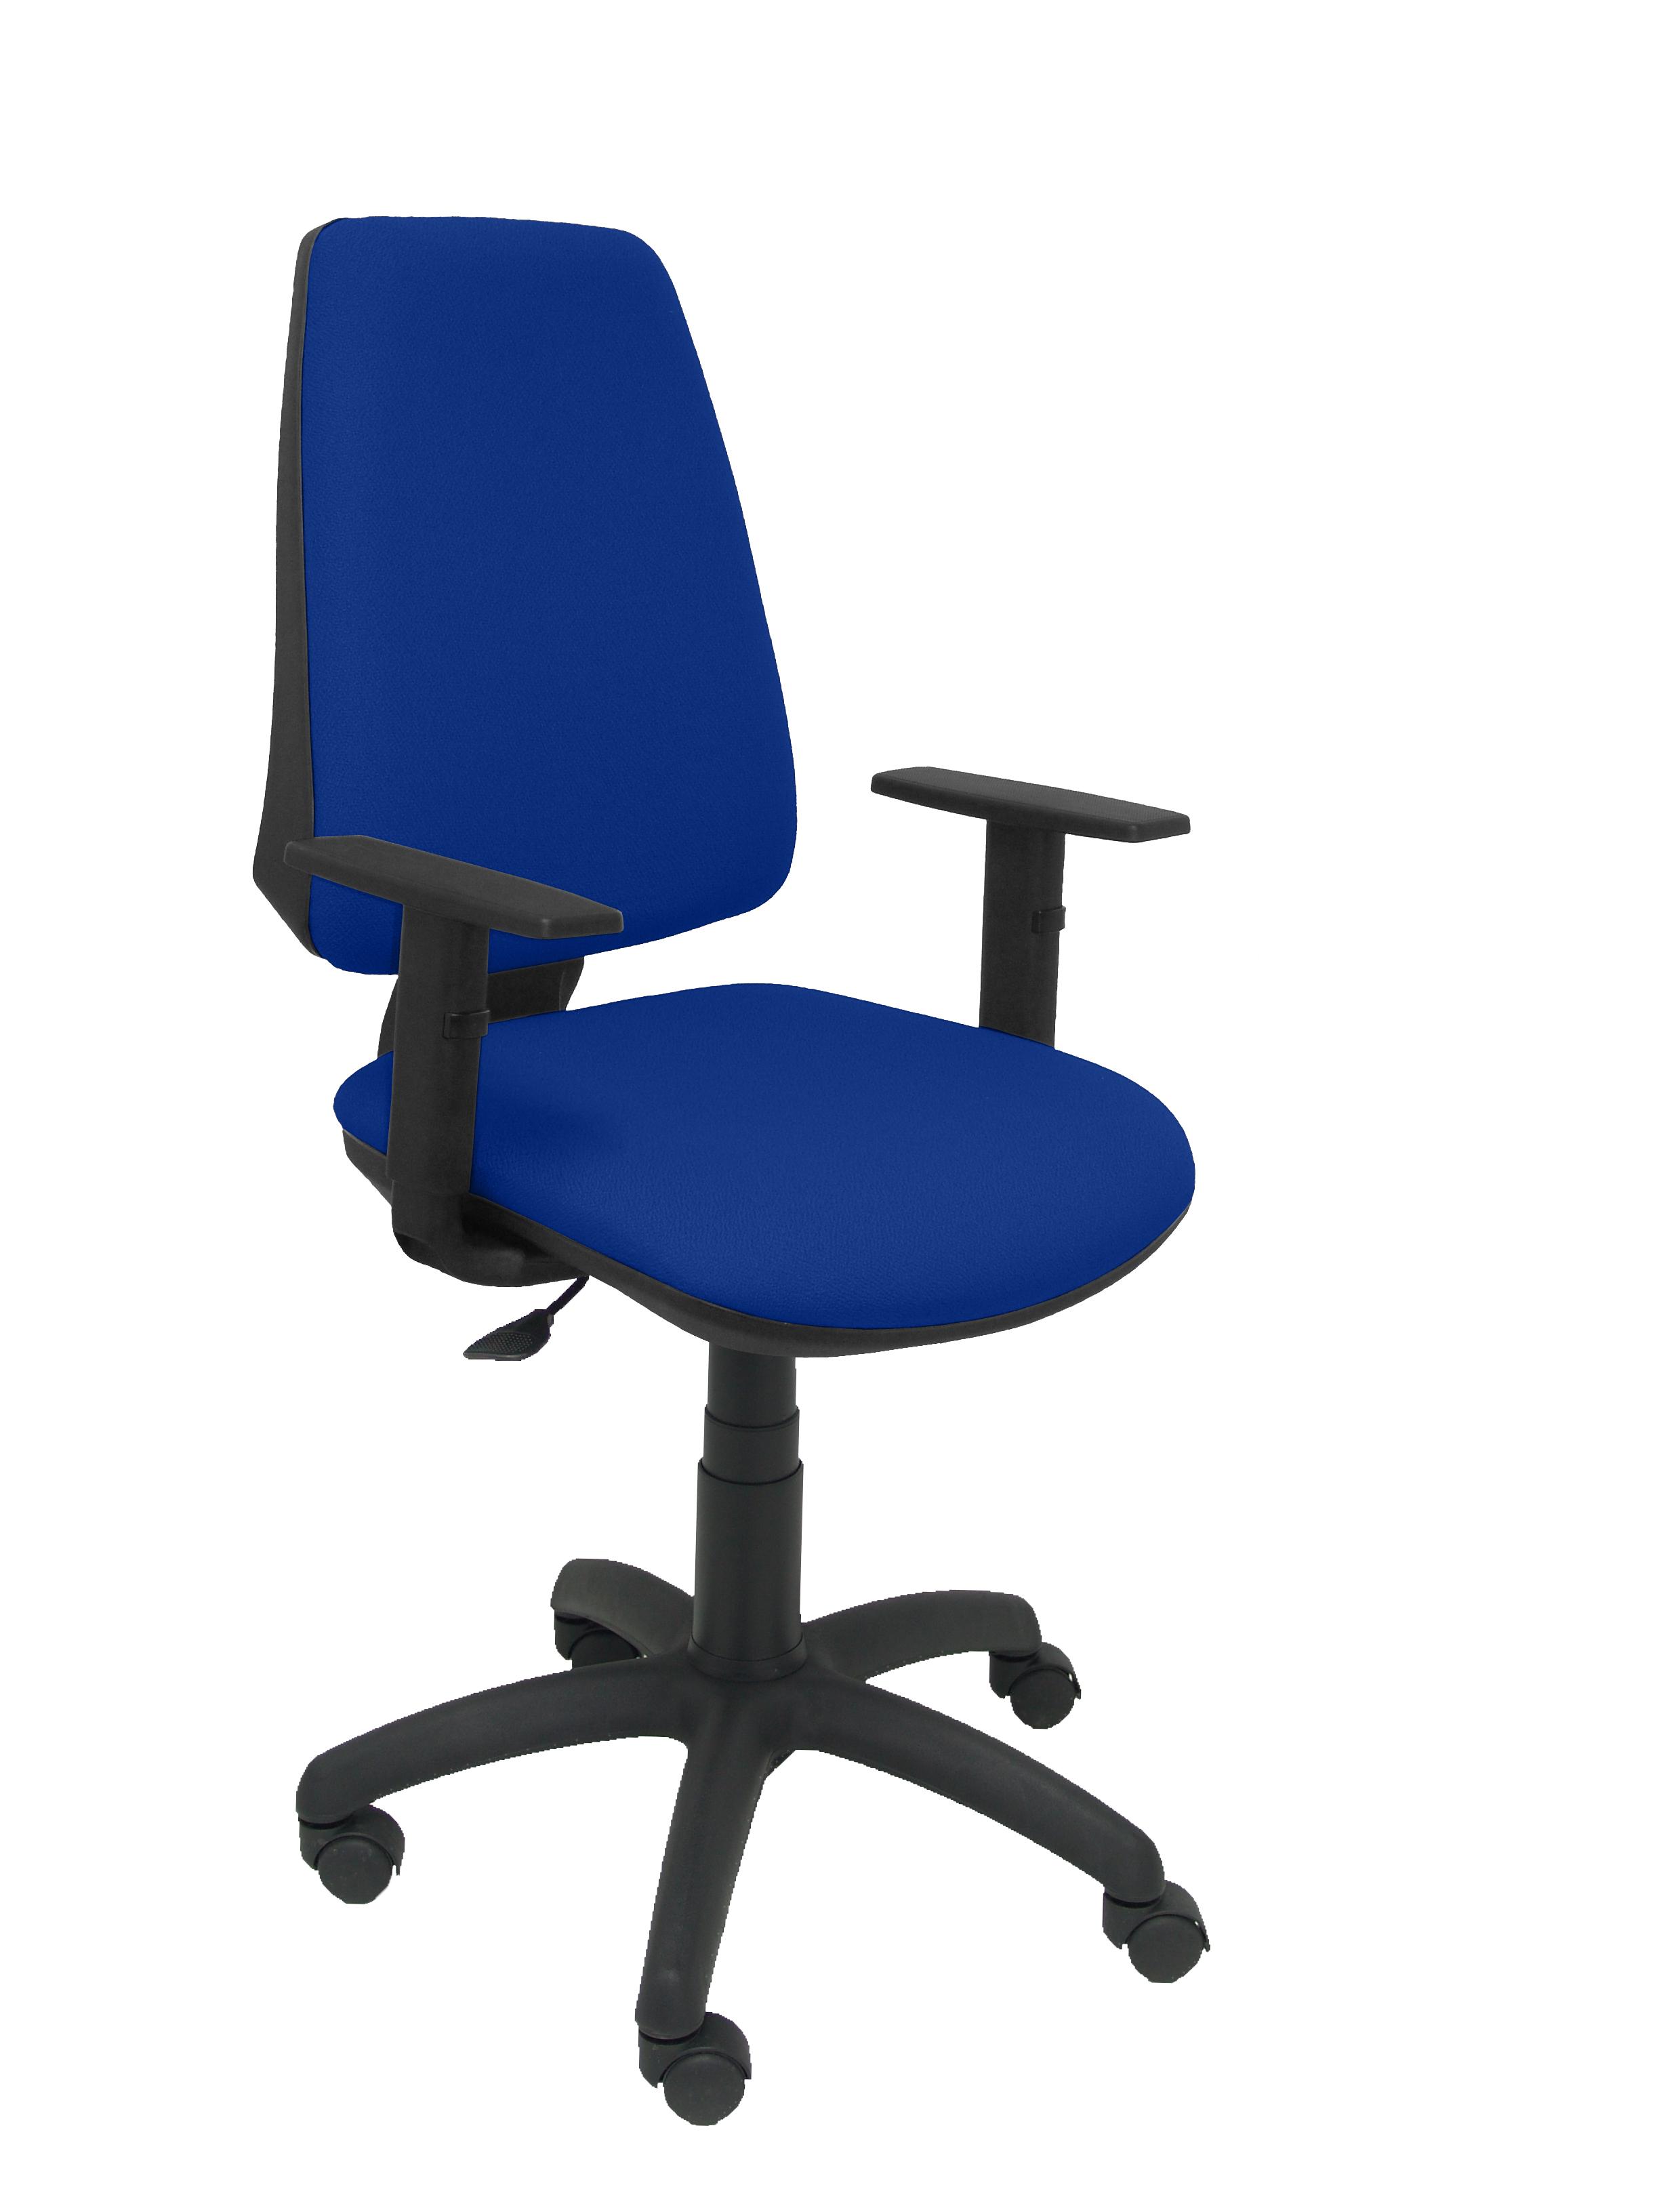 Silla Elche CP brazos regulables bali color azul